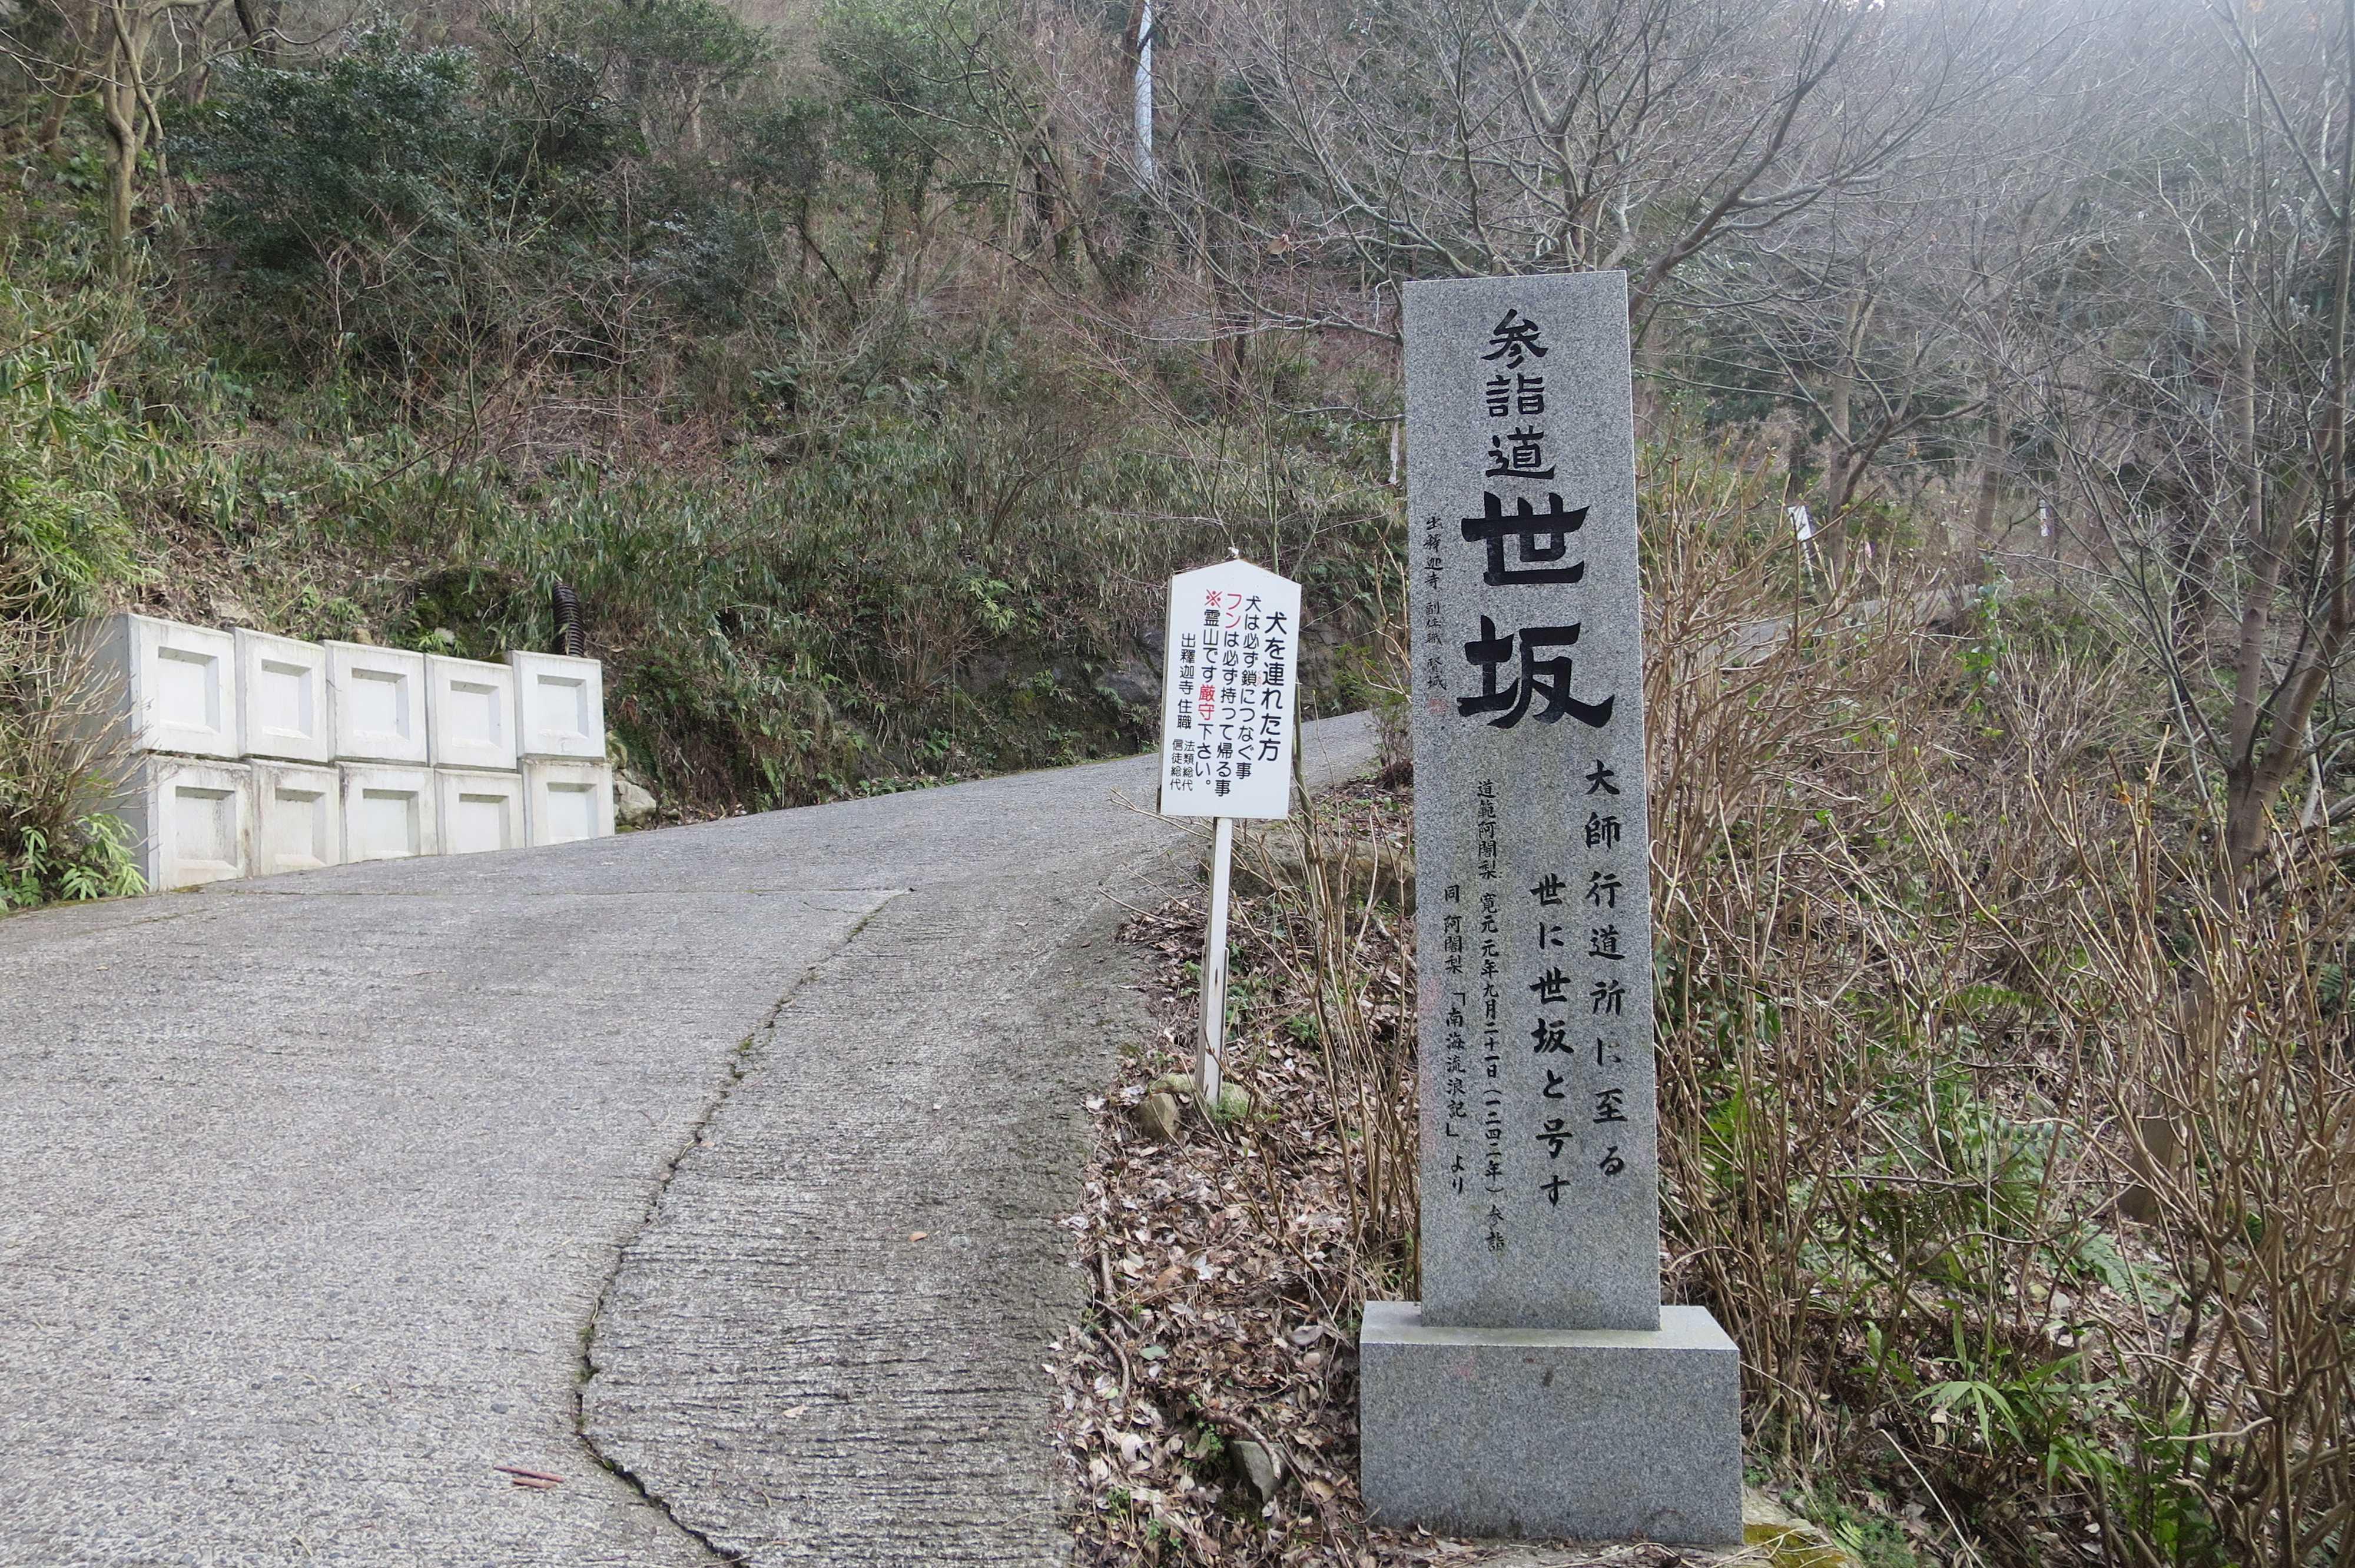 参詣道 世坂 - 奥の院捨身ヶ嶽禅定